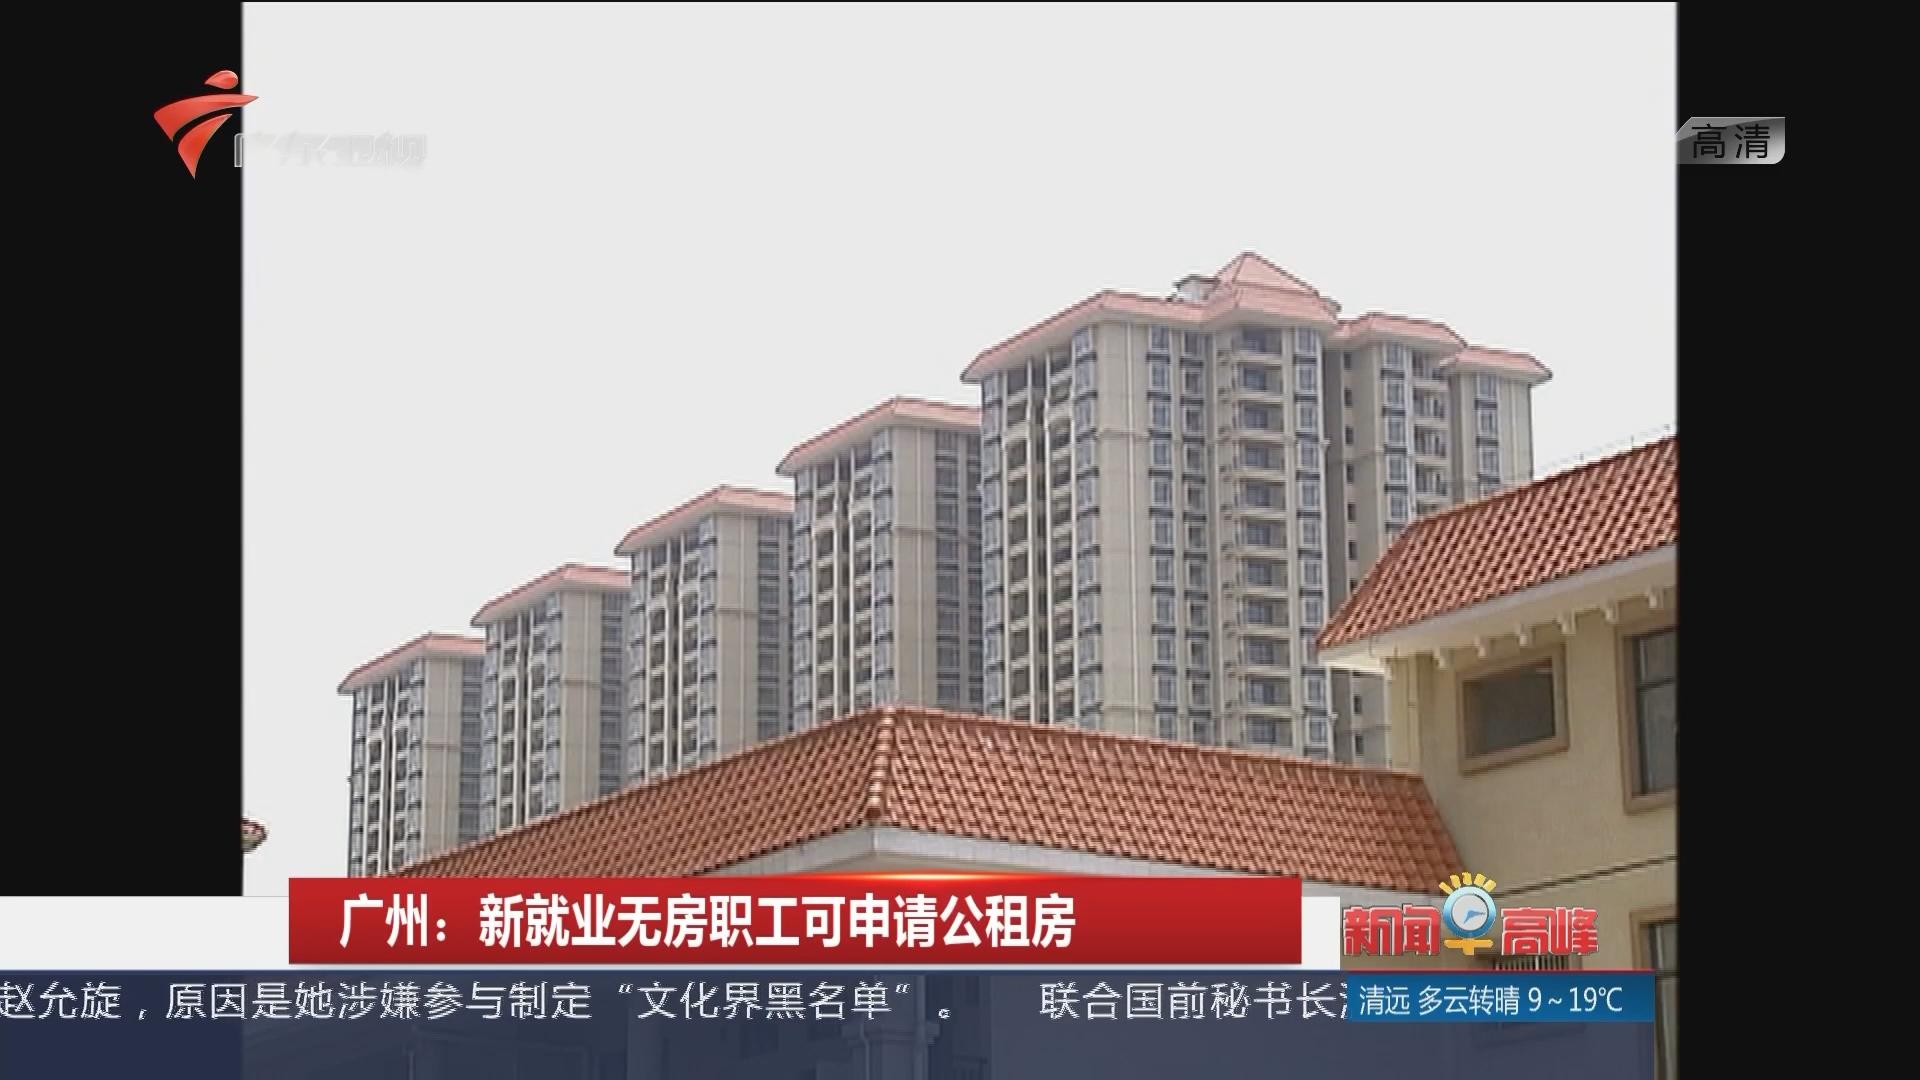 广州:新就业无房职工可申请公租房